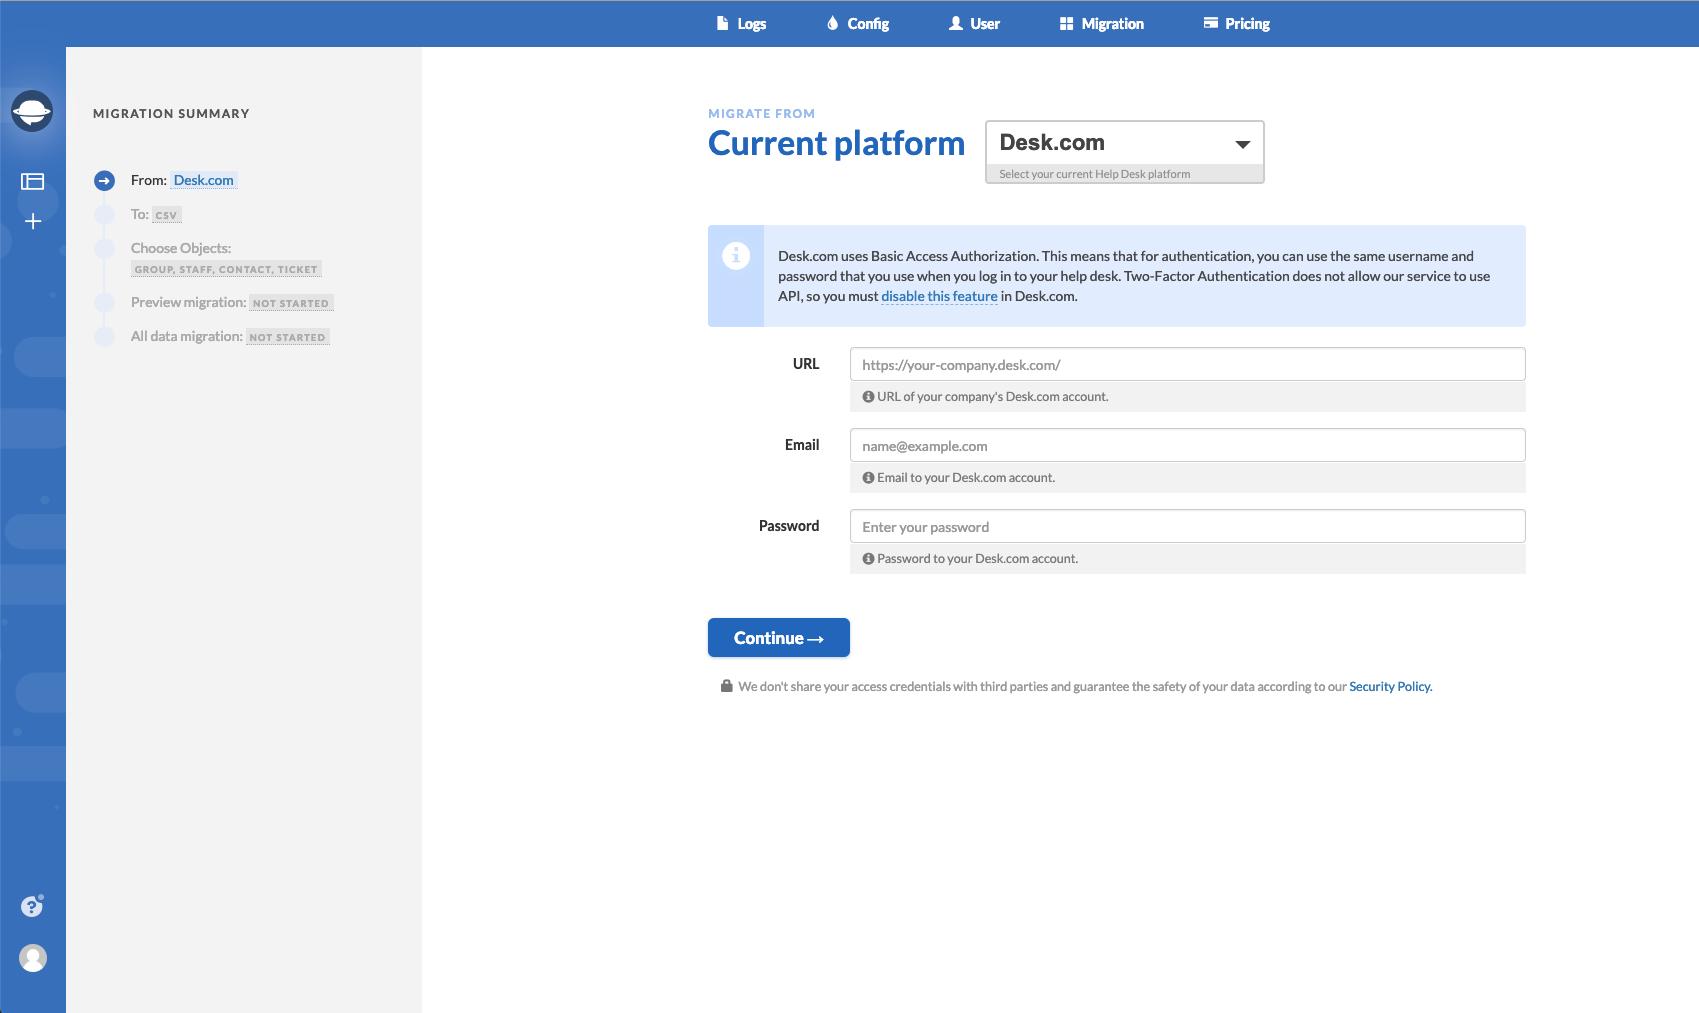 Help Desk Migration Software - 1